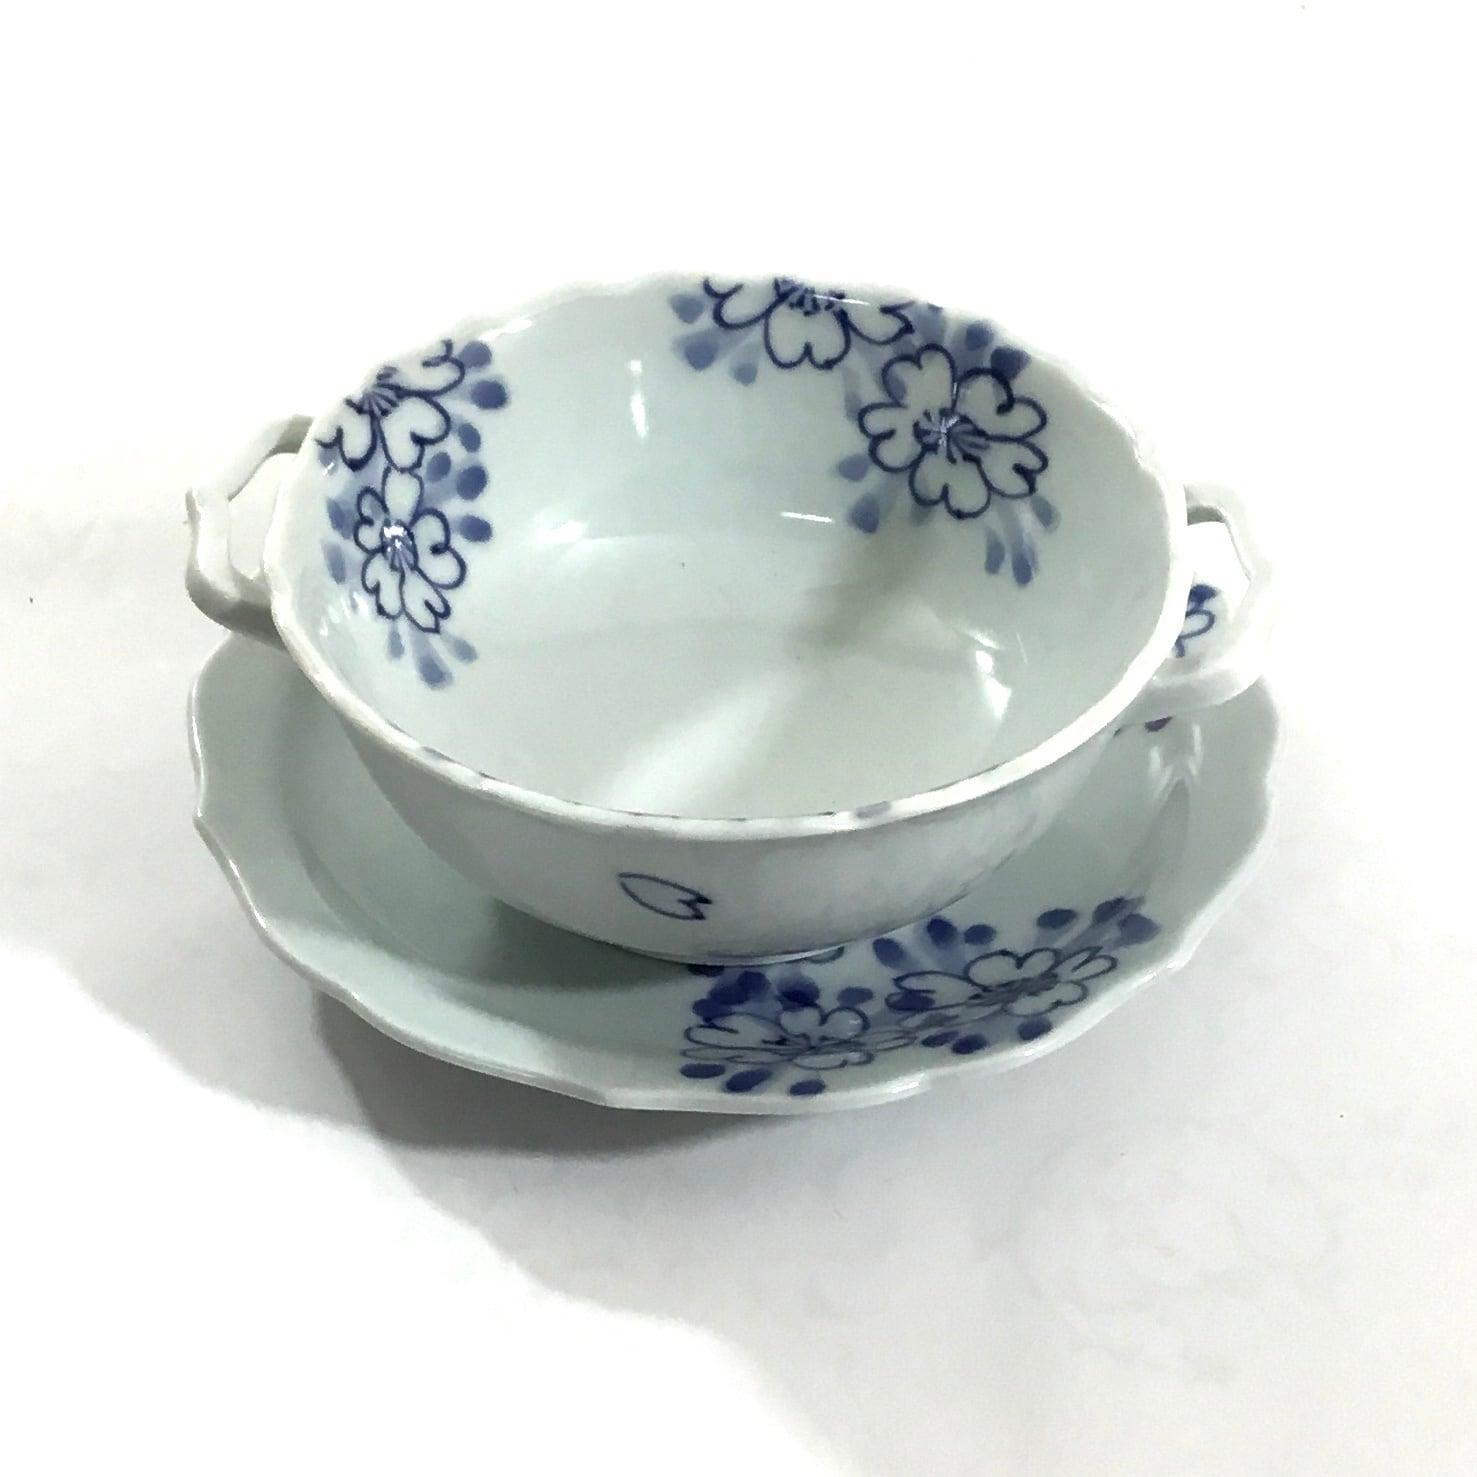 桜スープ碗皿